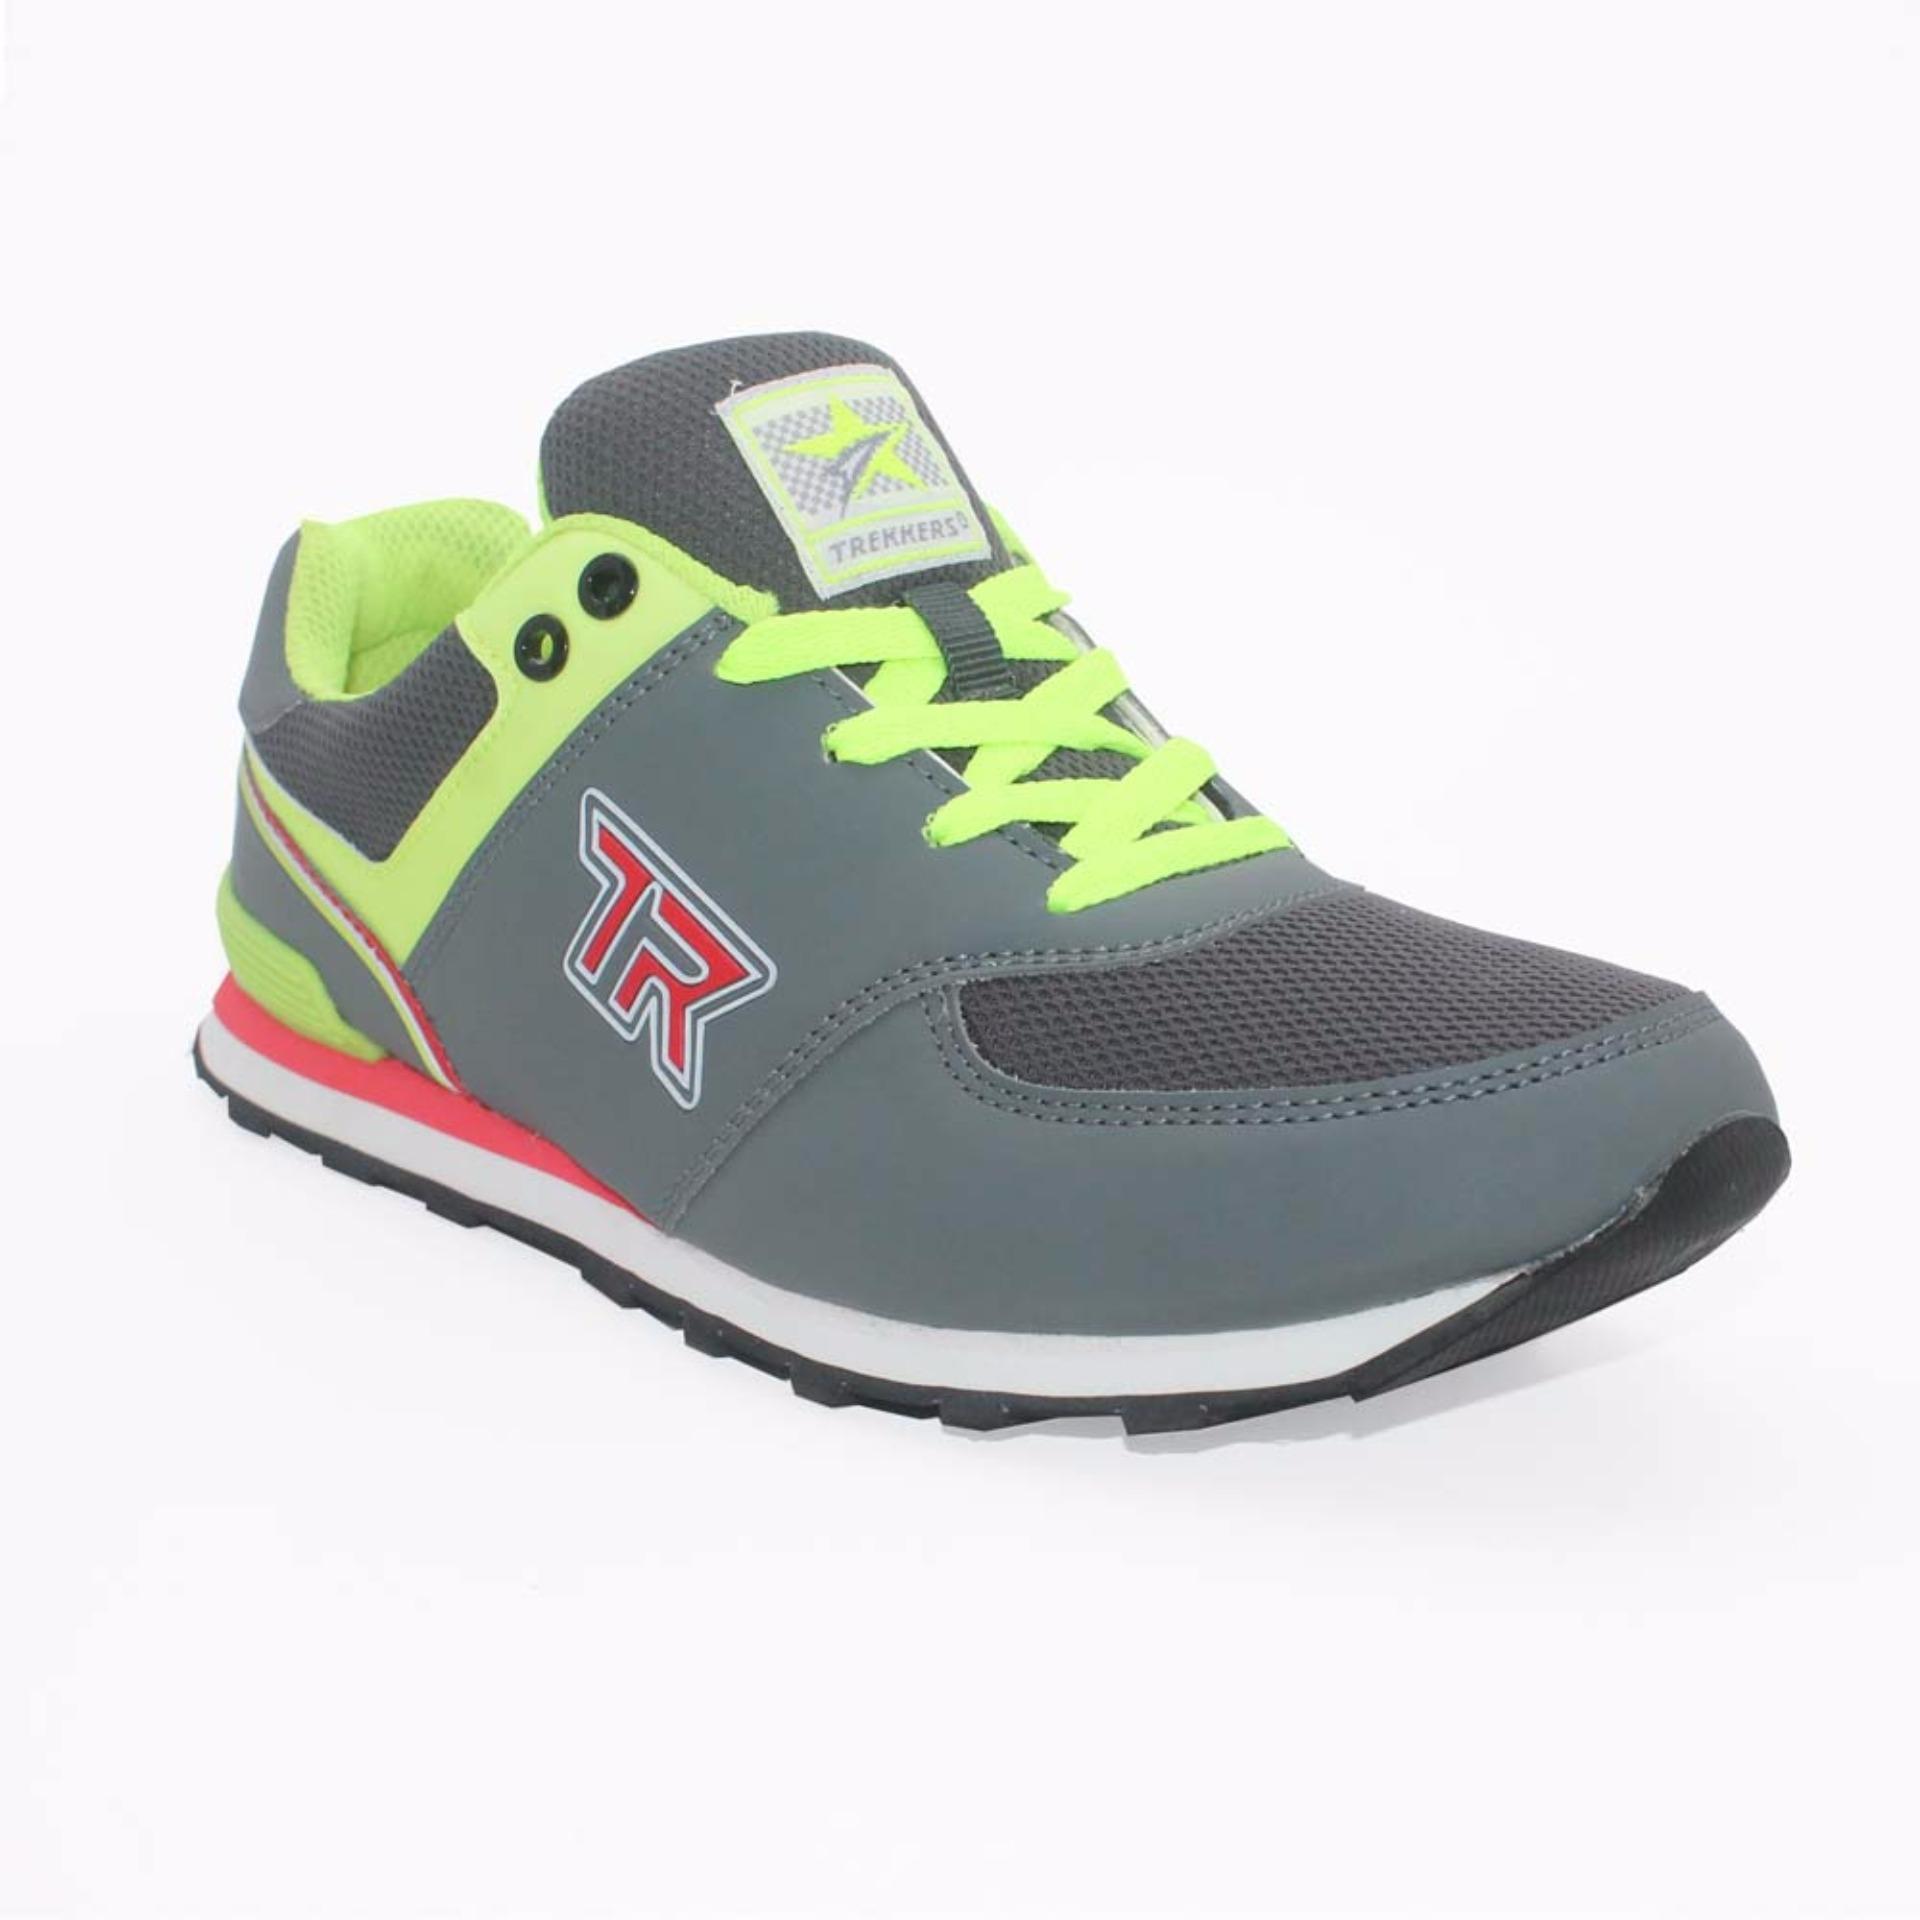 Jual Trekkers Jb Bellagio 2 Sepatu Olahraga Laki Laki Warna Abu Tua Hijau Terang Original